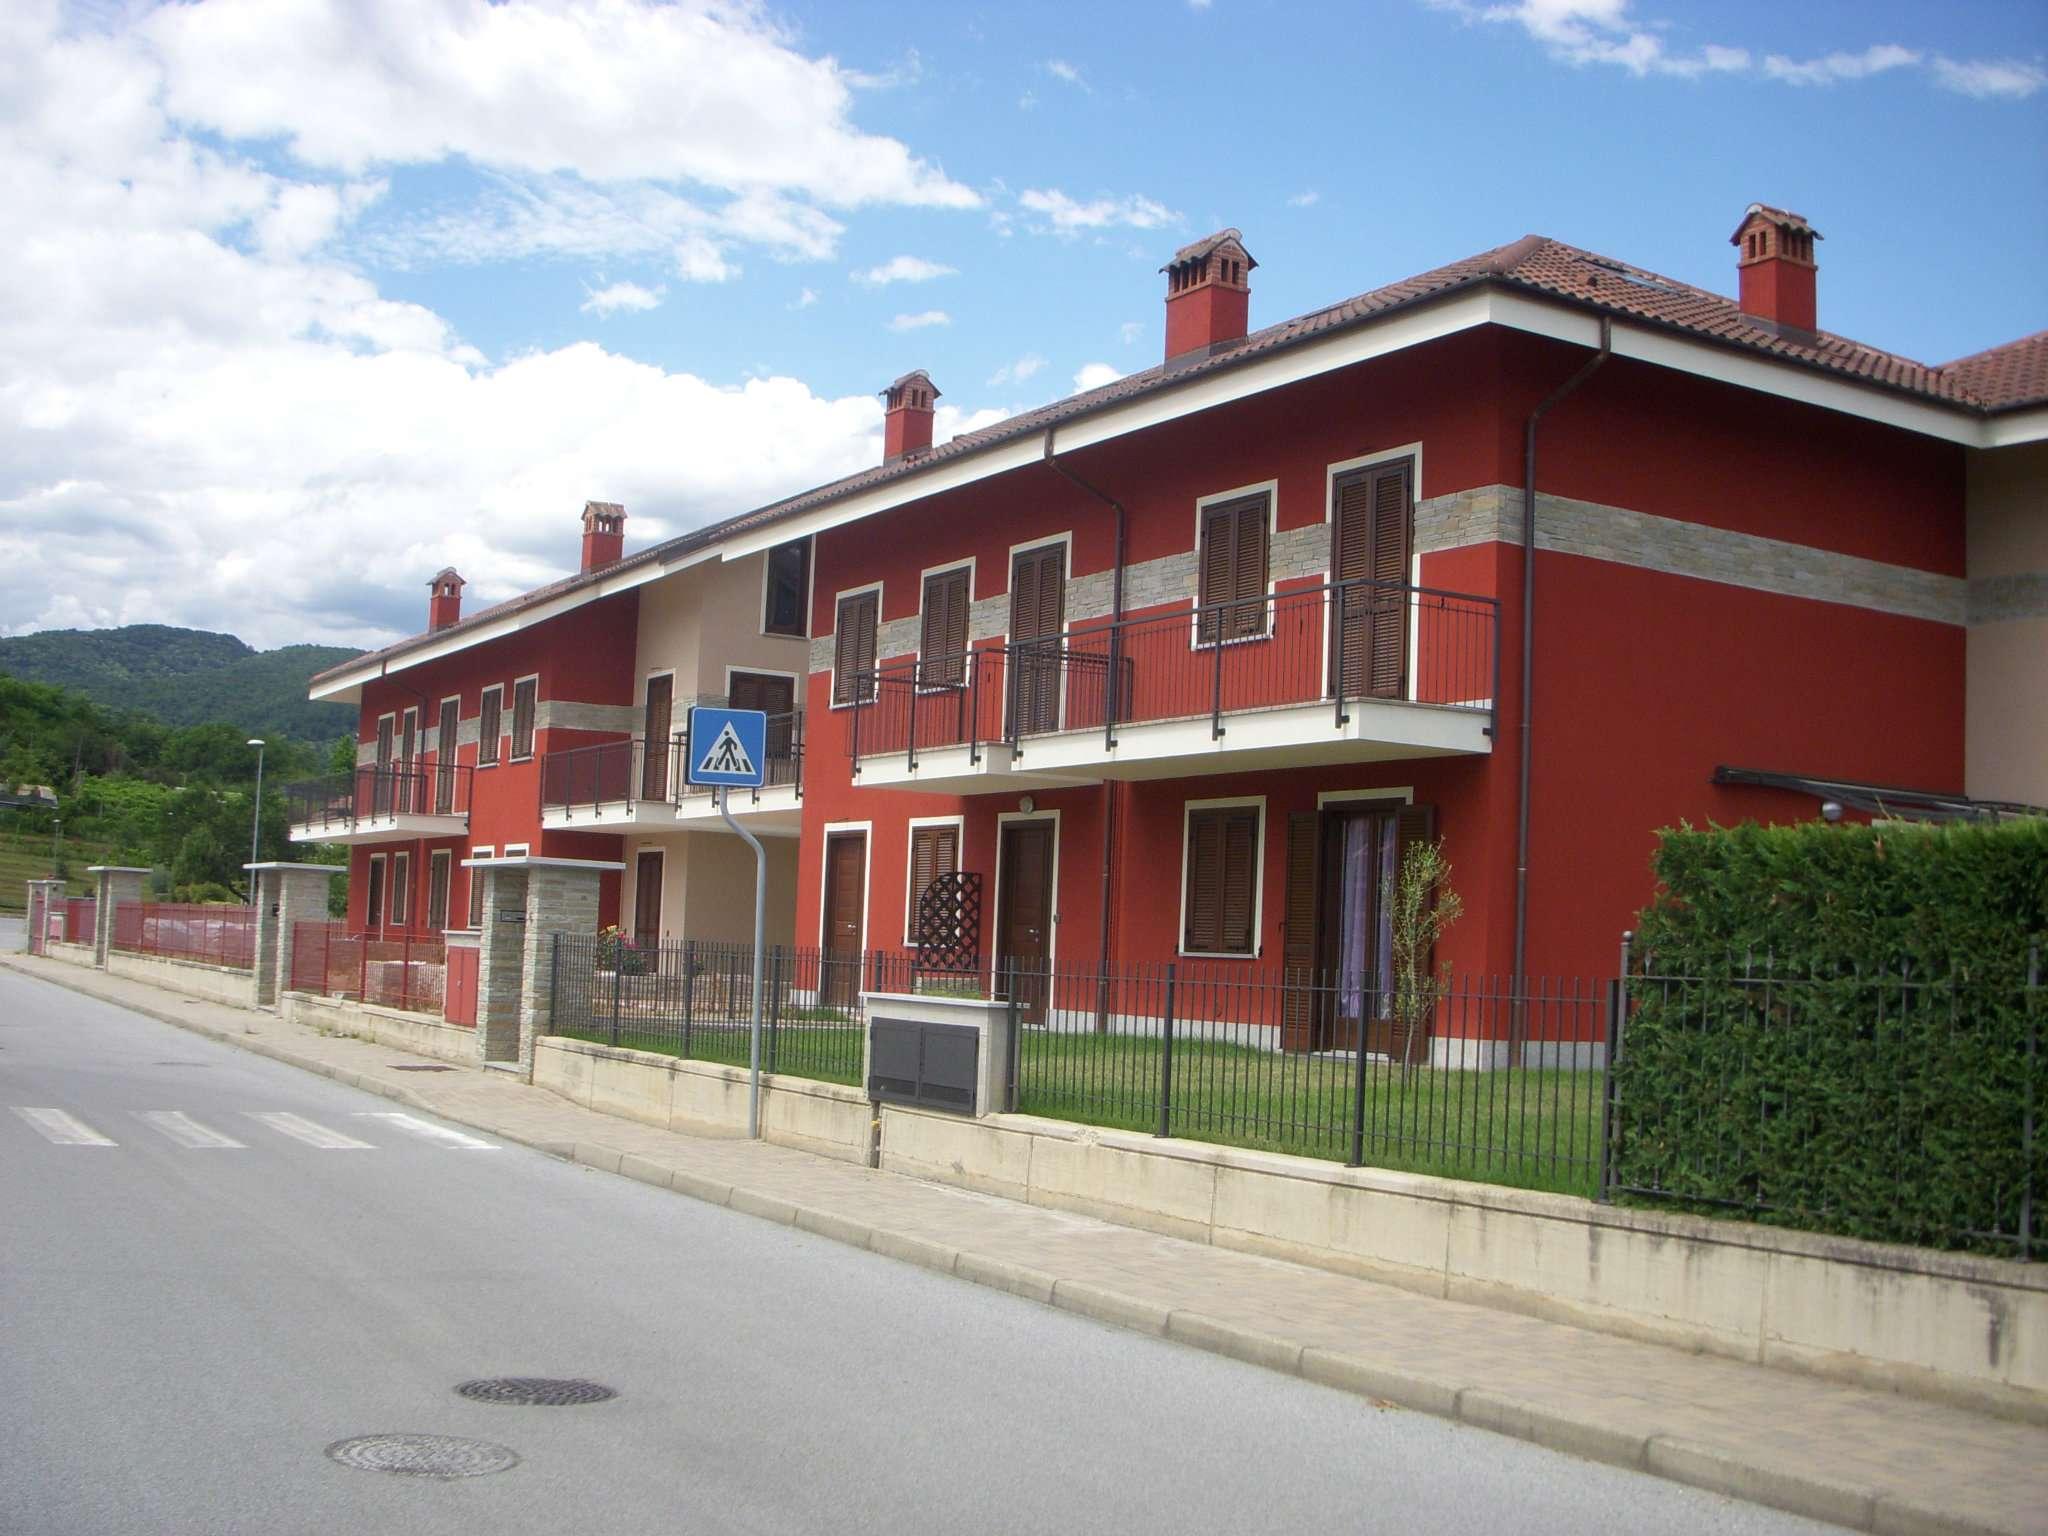 Appartamento in vendita a Bricherasio, 3 locali, prezzo € 165.000 | CambioCasa.it